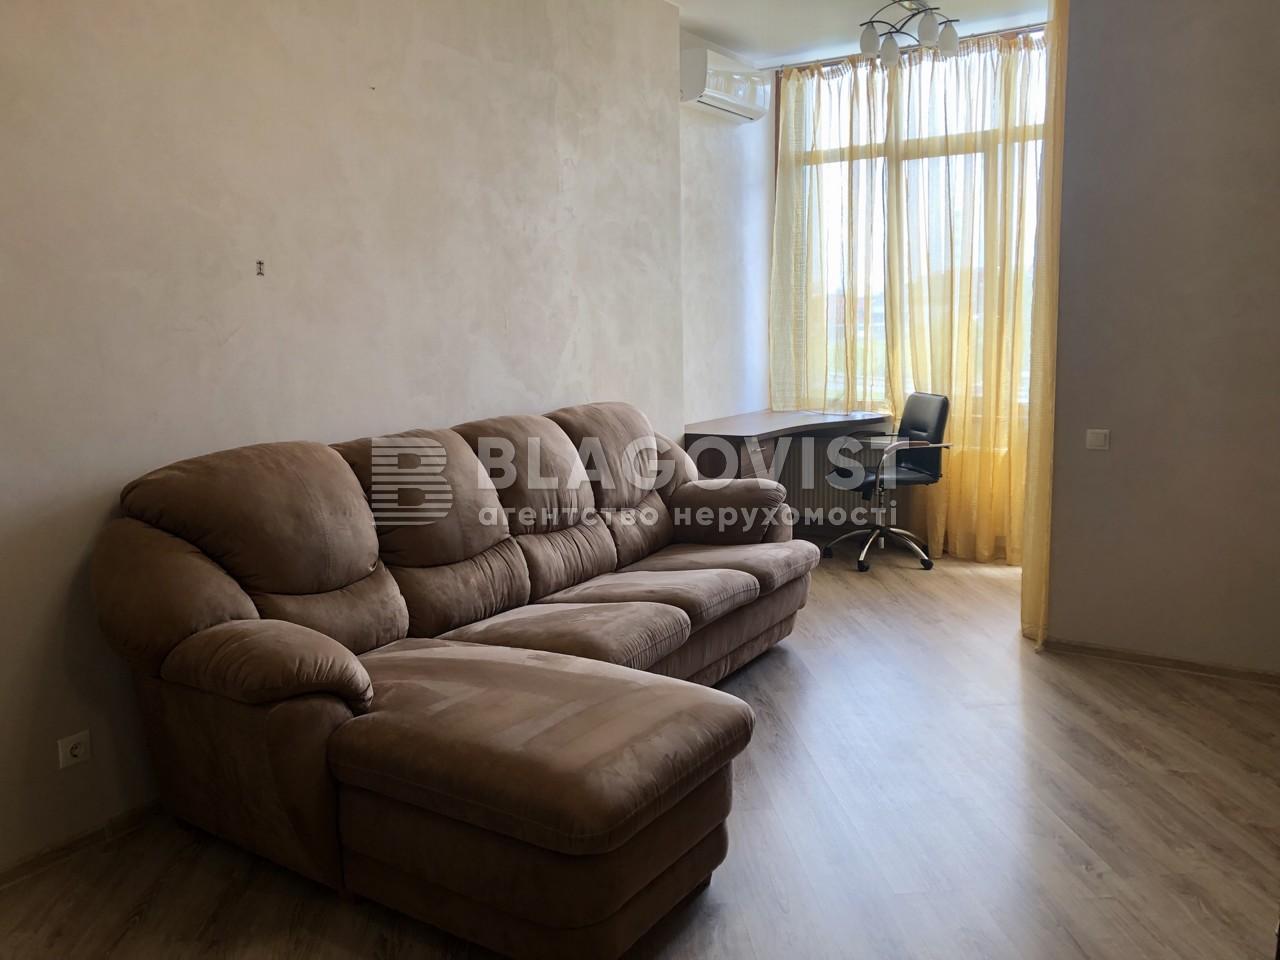 Квартира R-29772, Героев Сталинграда просп., 2д, Киев - Фото 6